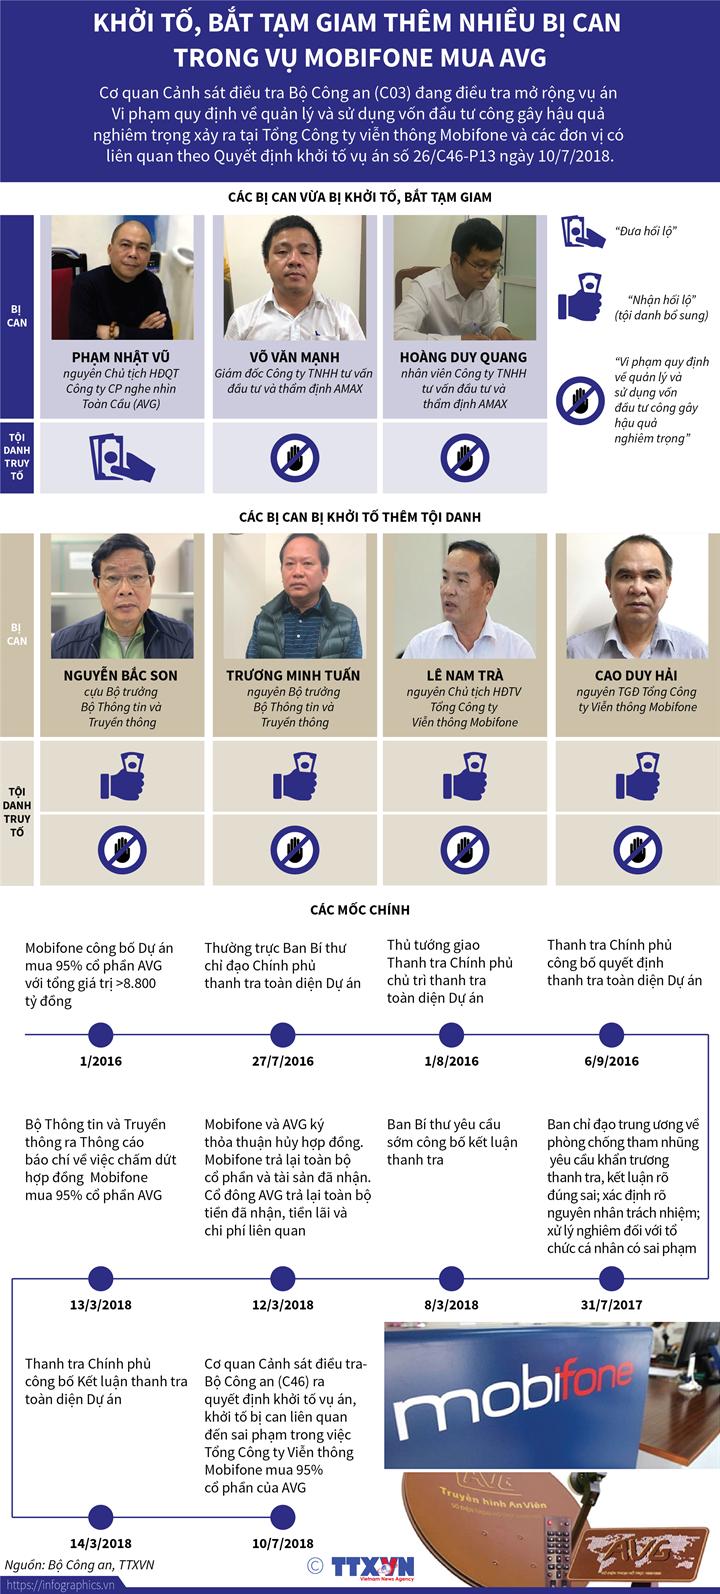 Khởi tố, bắt tạm giam thêm nhiều bị can trong vụ Mobifone mua AVG